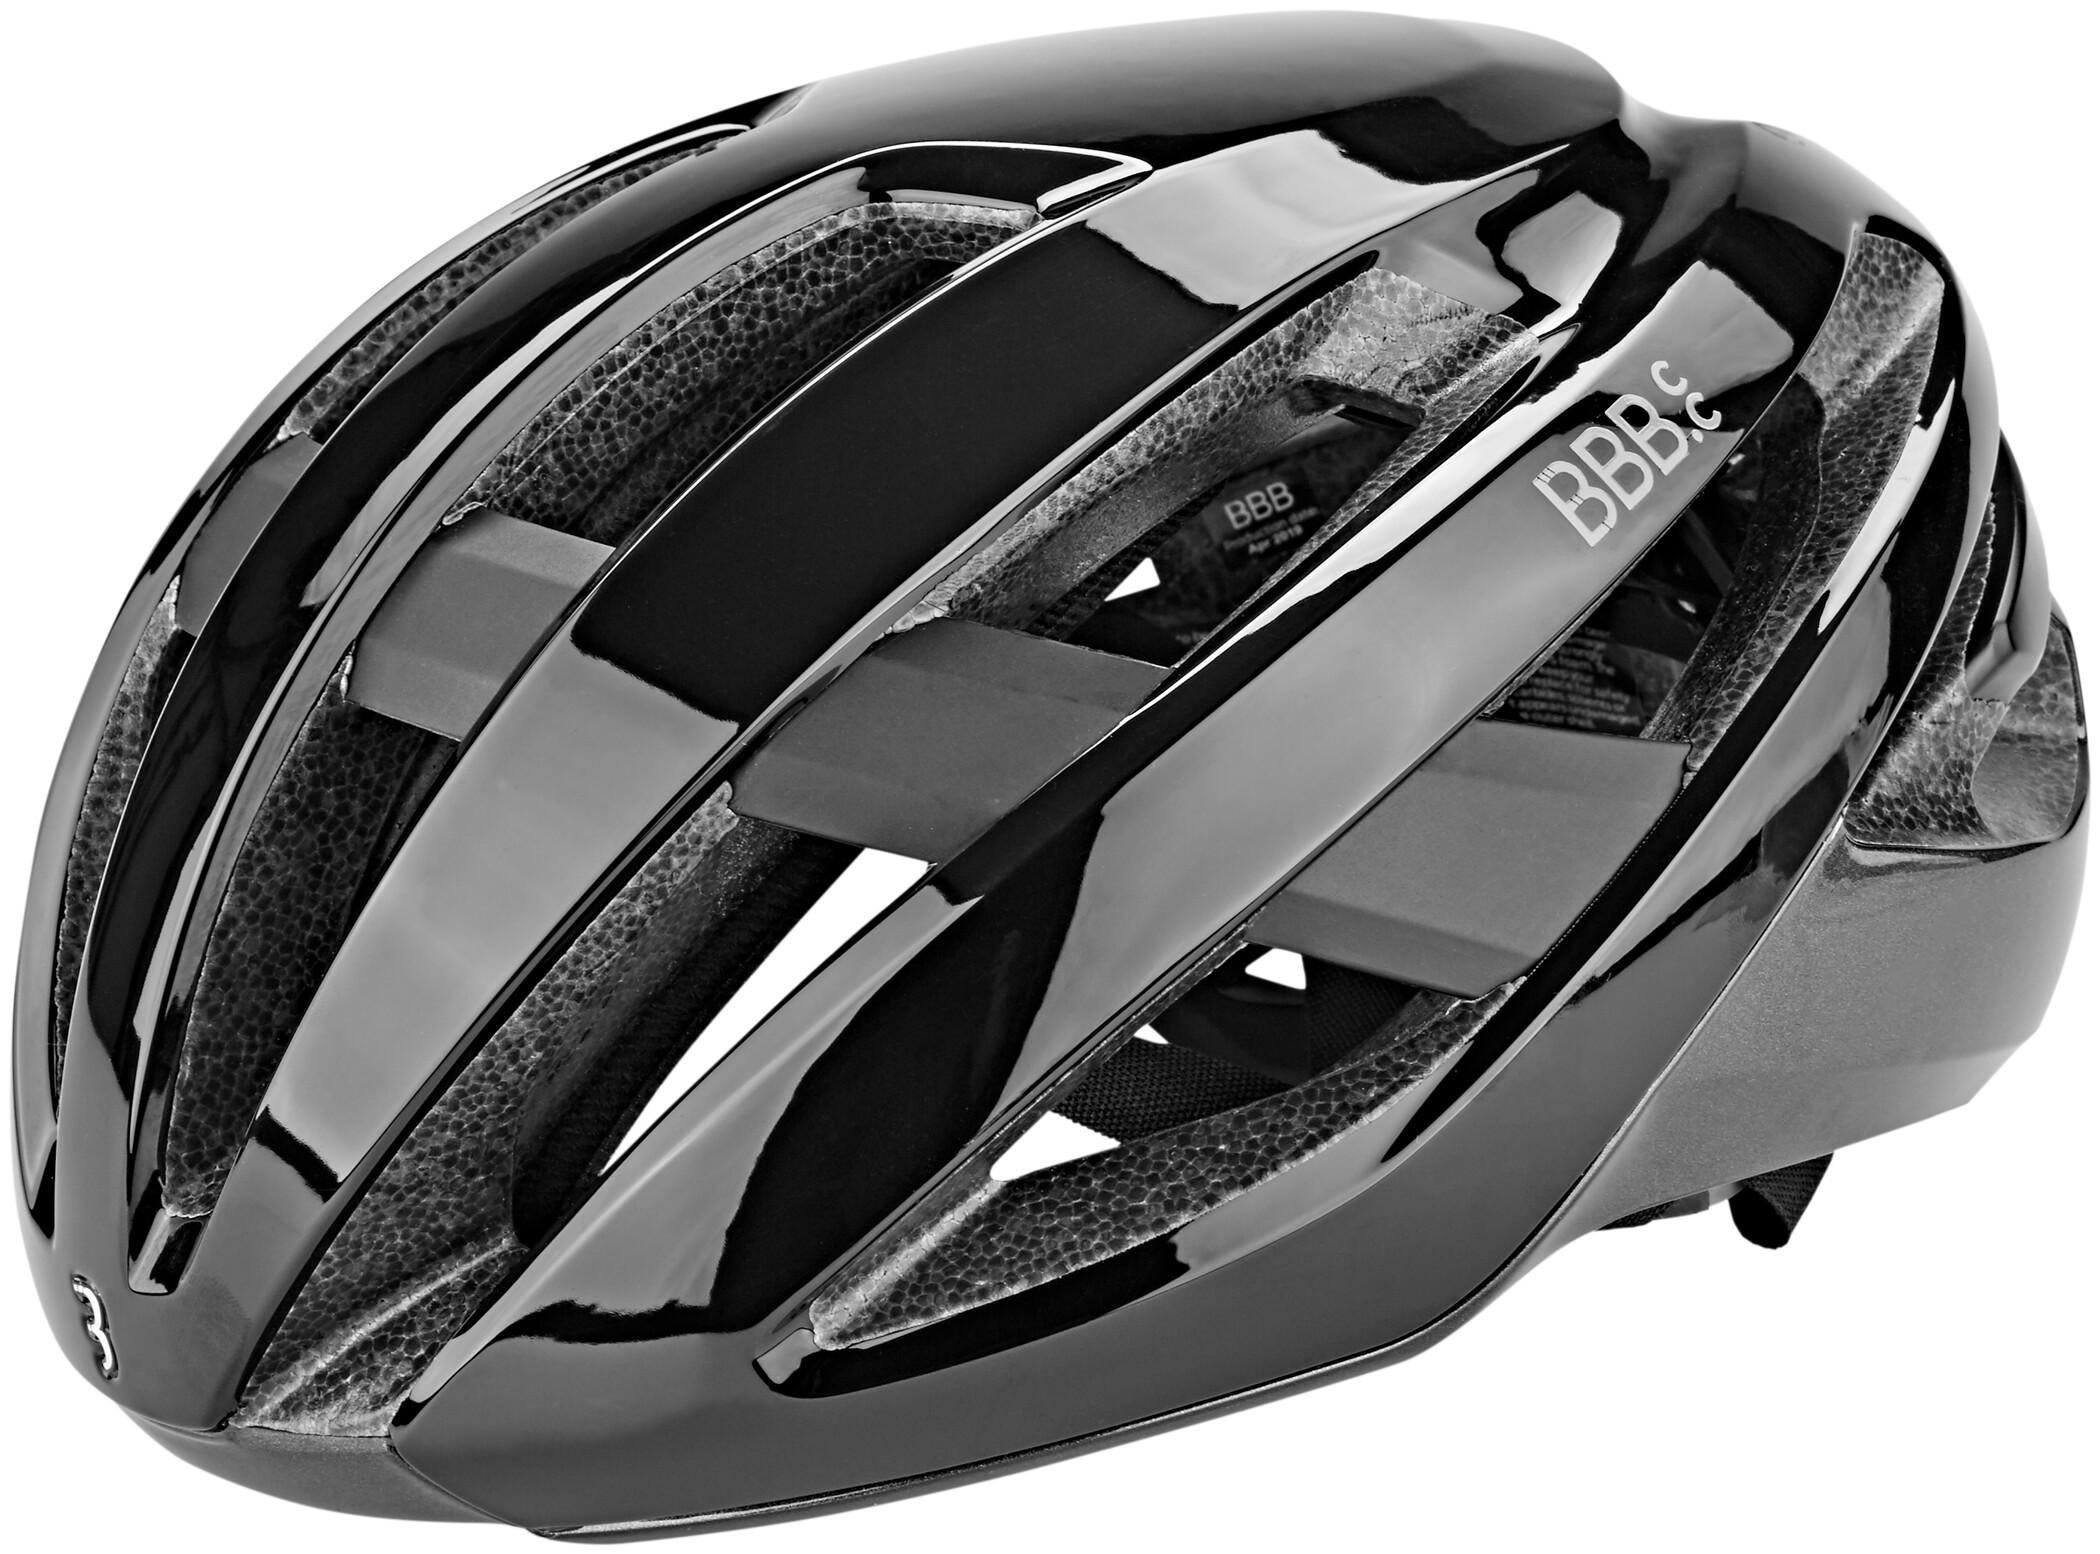 BBB Maestro BHE-09 Cykelhjelm, glossy white (2020) | Helmets